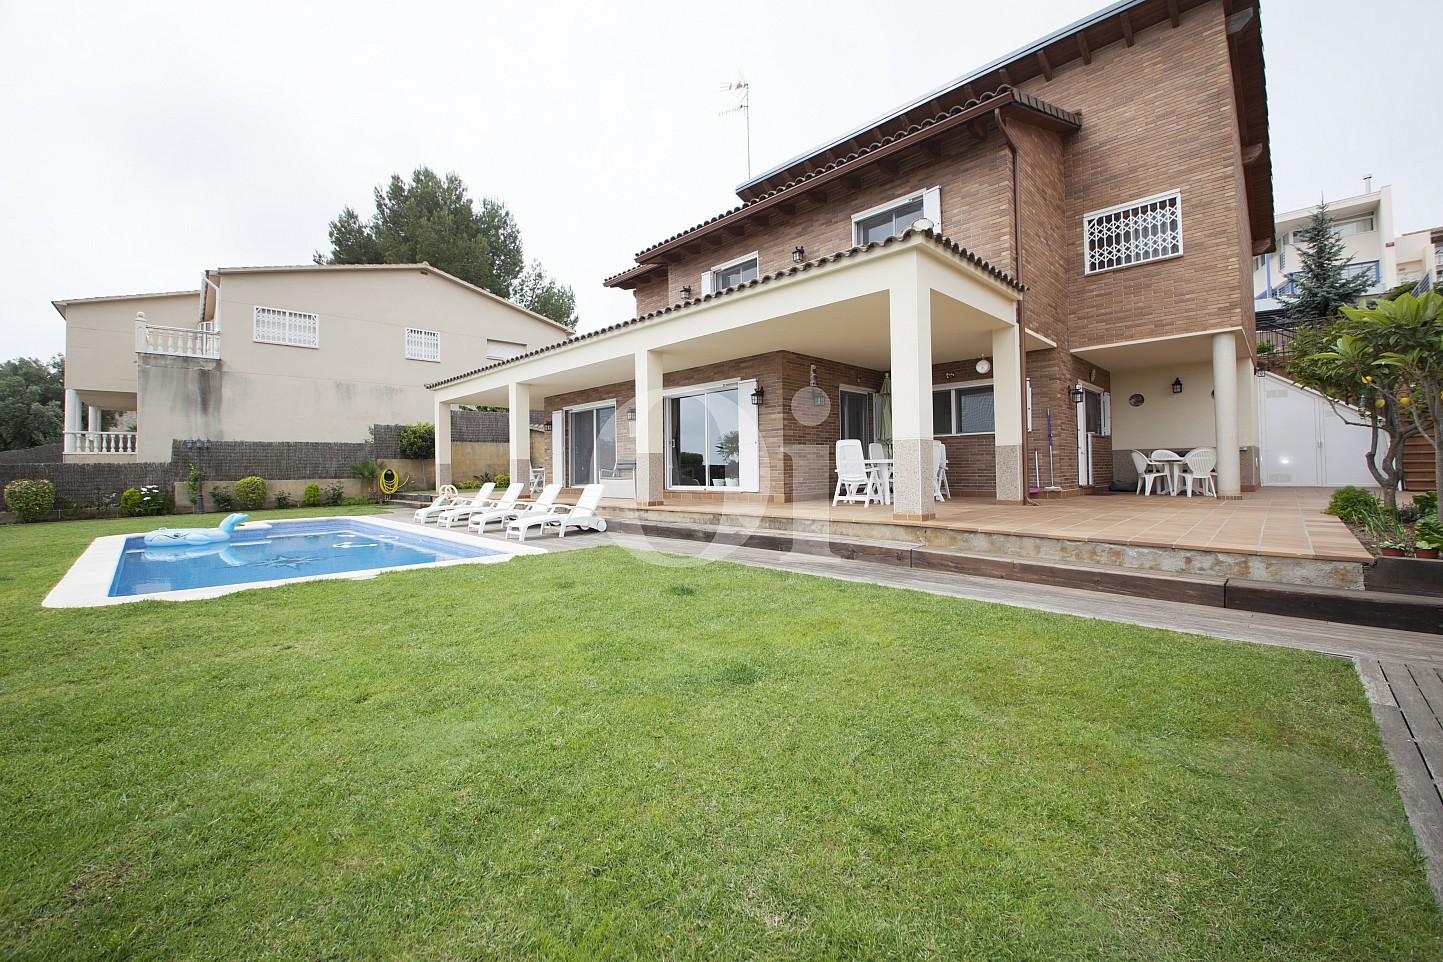 Exteriors de la casa amb el jardí i la piscina